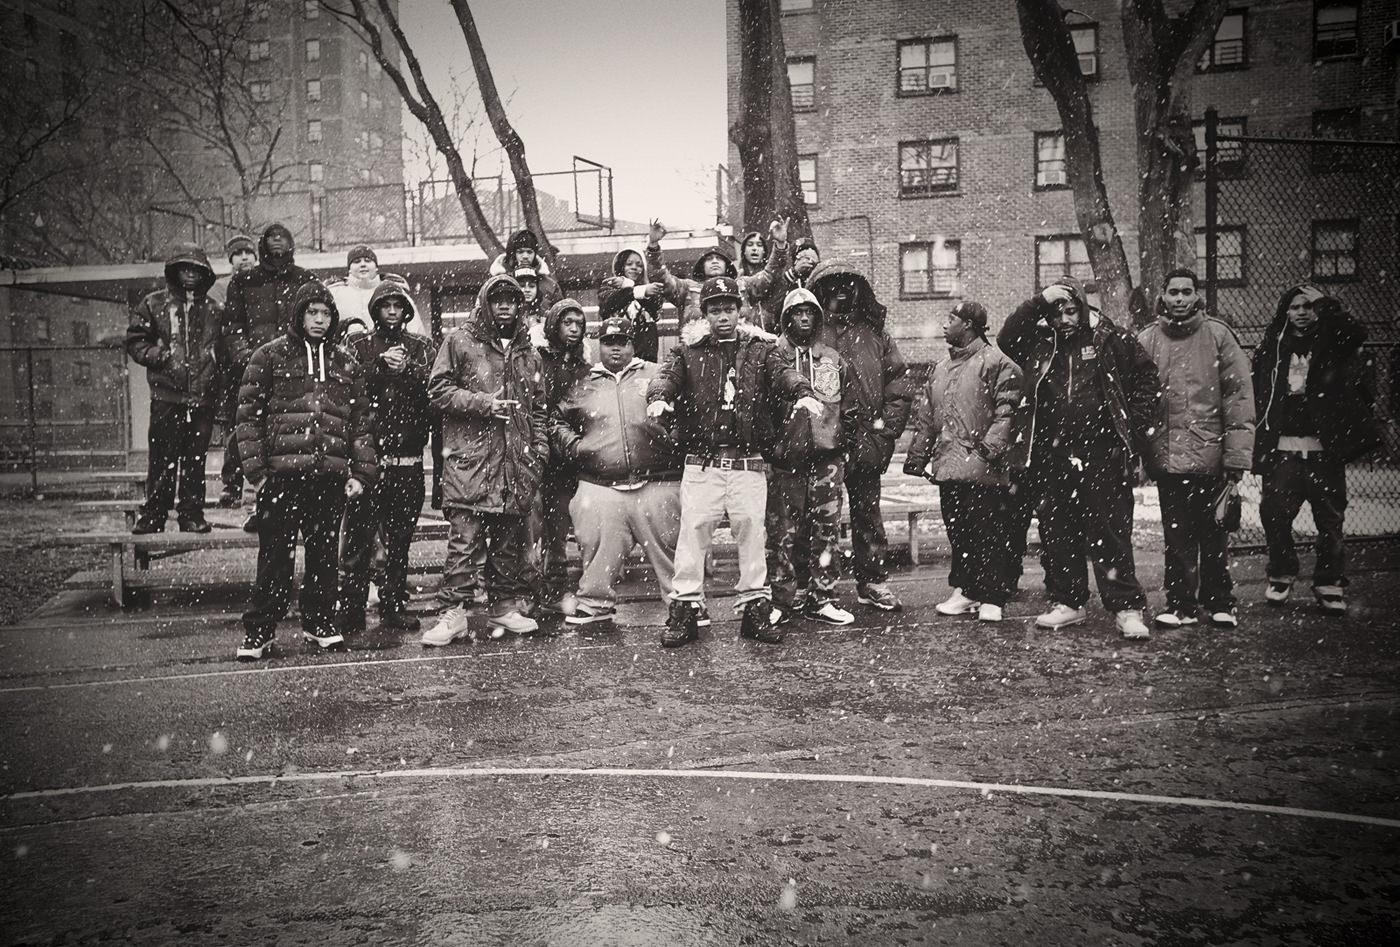 Harlem 06